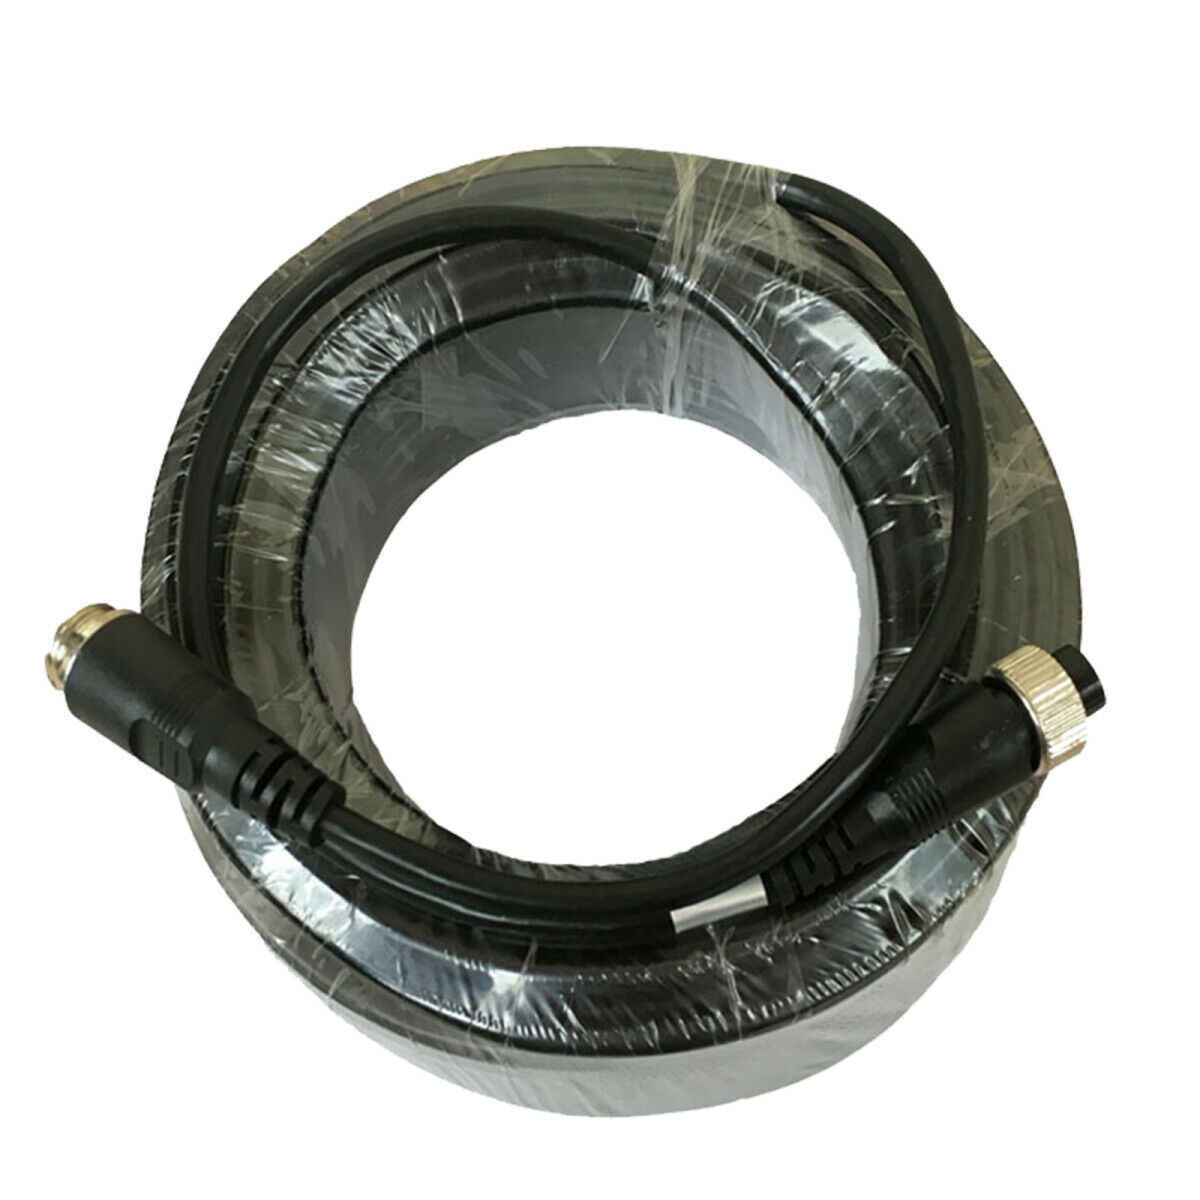 Cable de extensión de la cámara del Monitor de marcha atrás 4 PIN 10 M Briggade ECCO